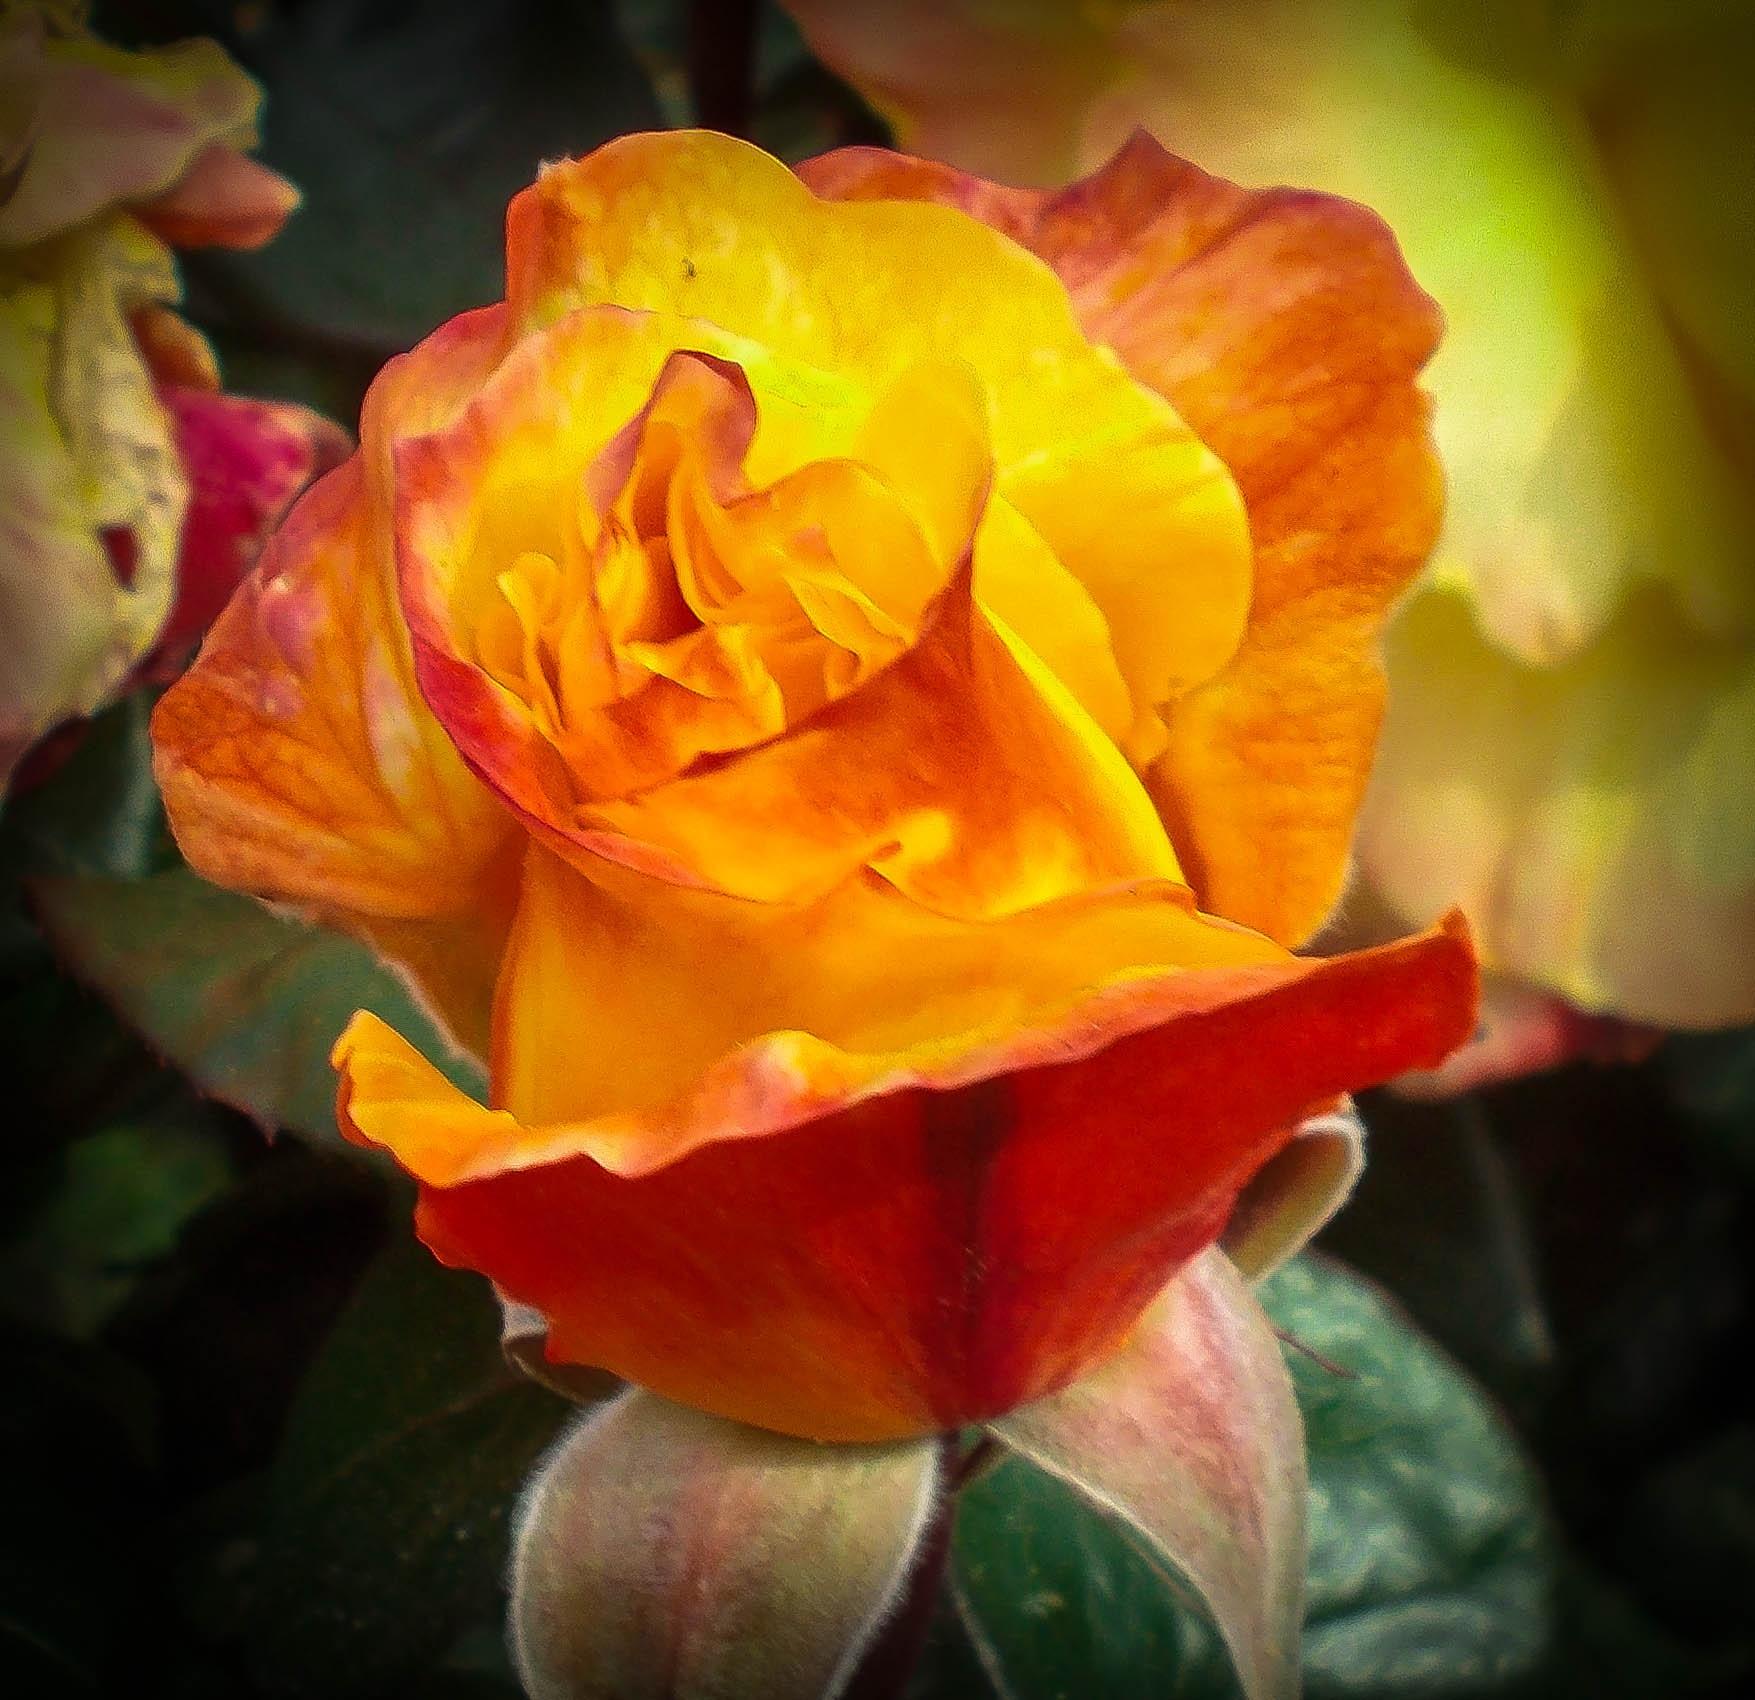 rose  by iuliacordeanu